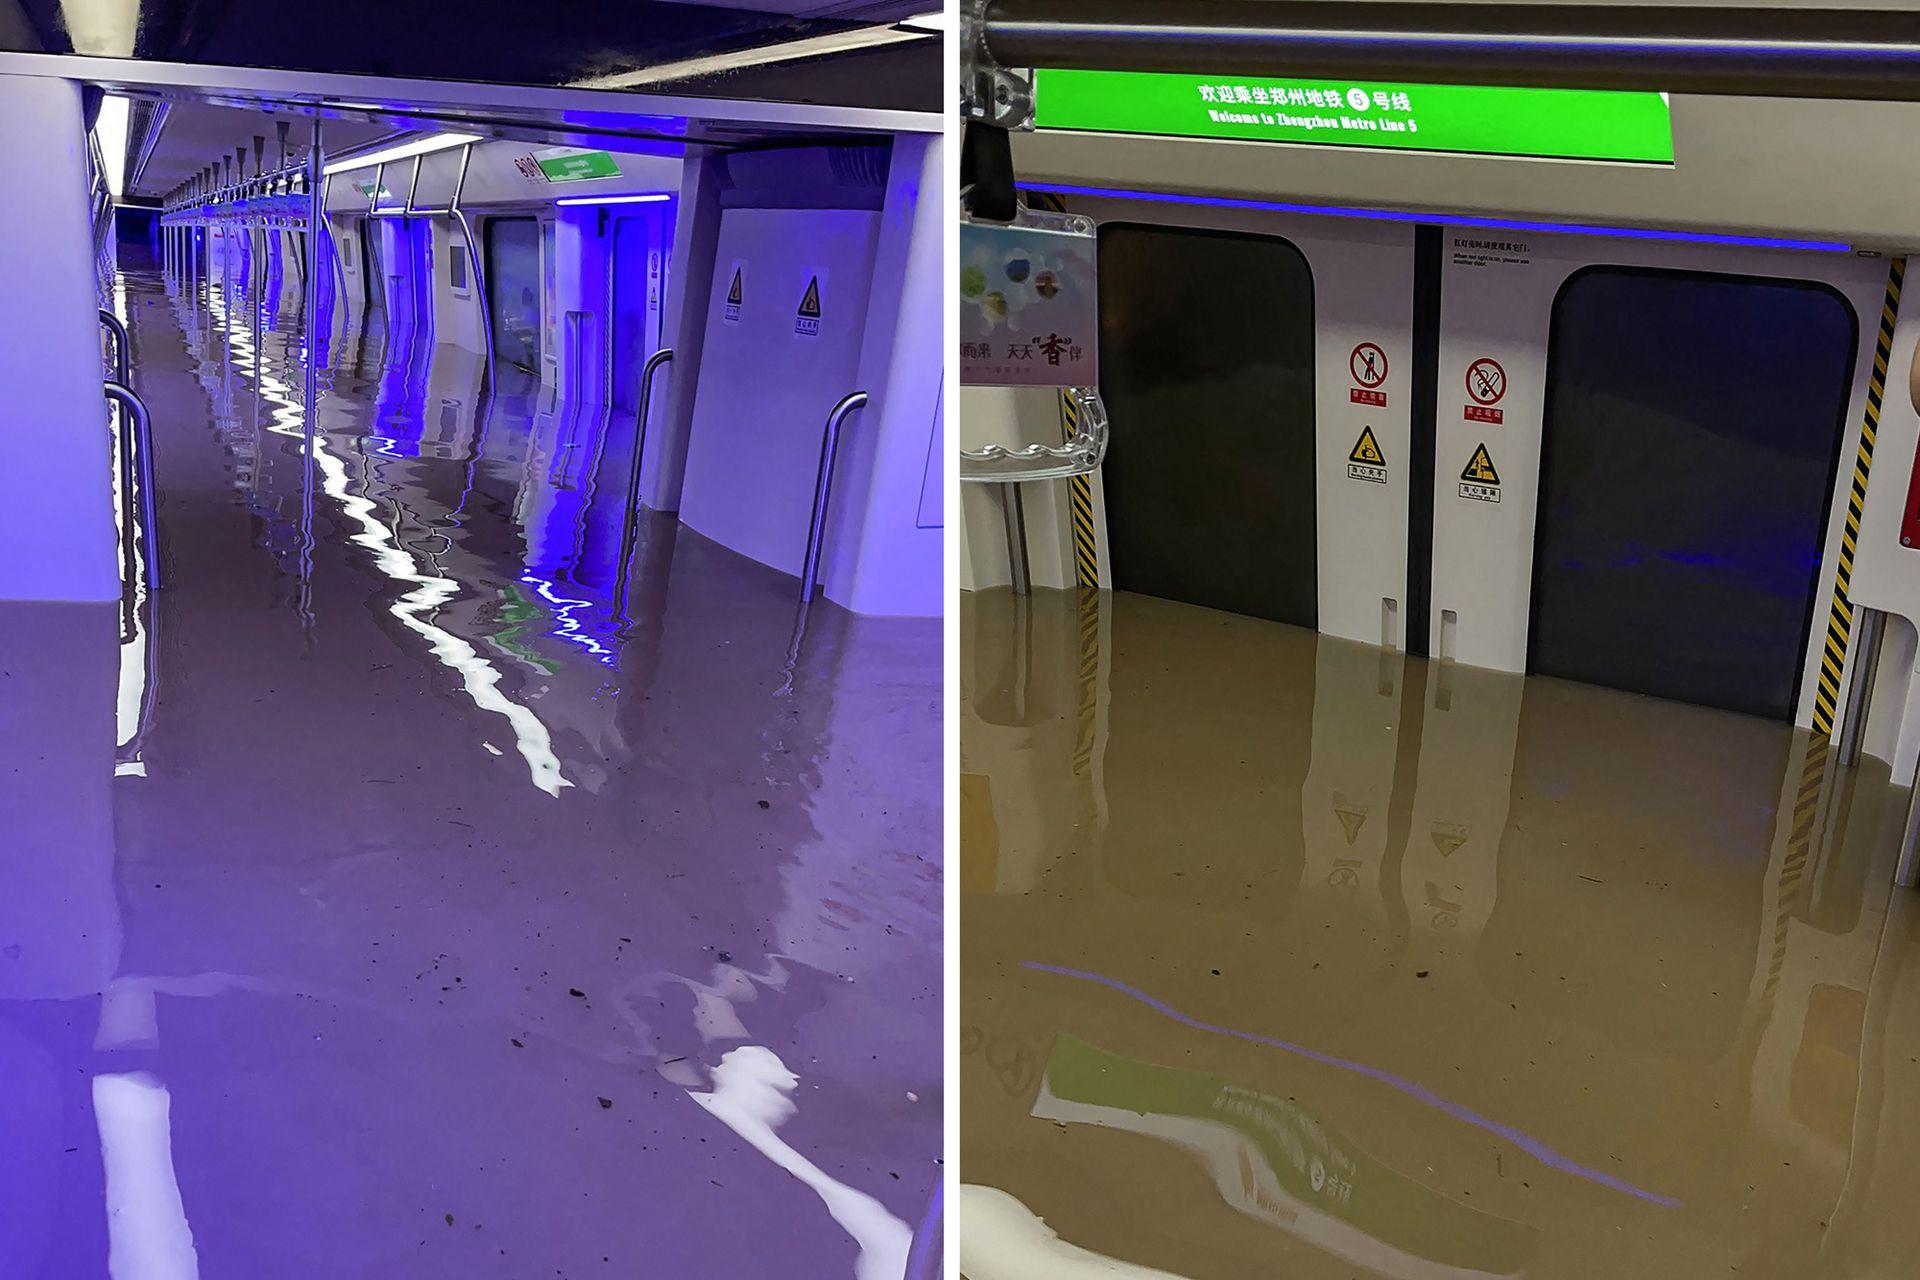 Vistas de un vagón de metro sumergido después de las fuertes lluvias en Zhengzhou, en la provincia central china de Henan